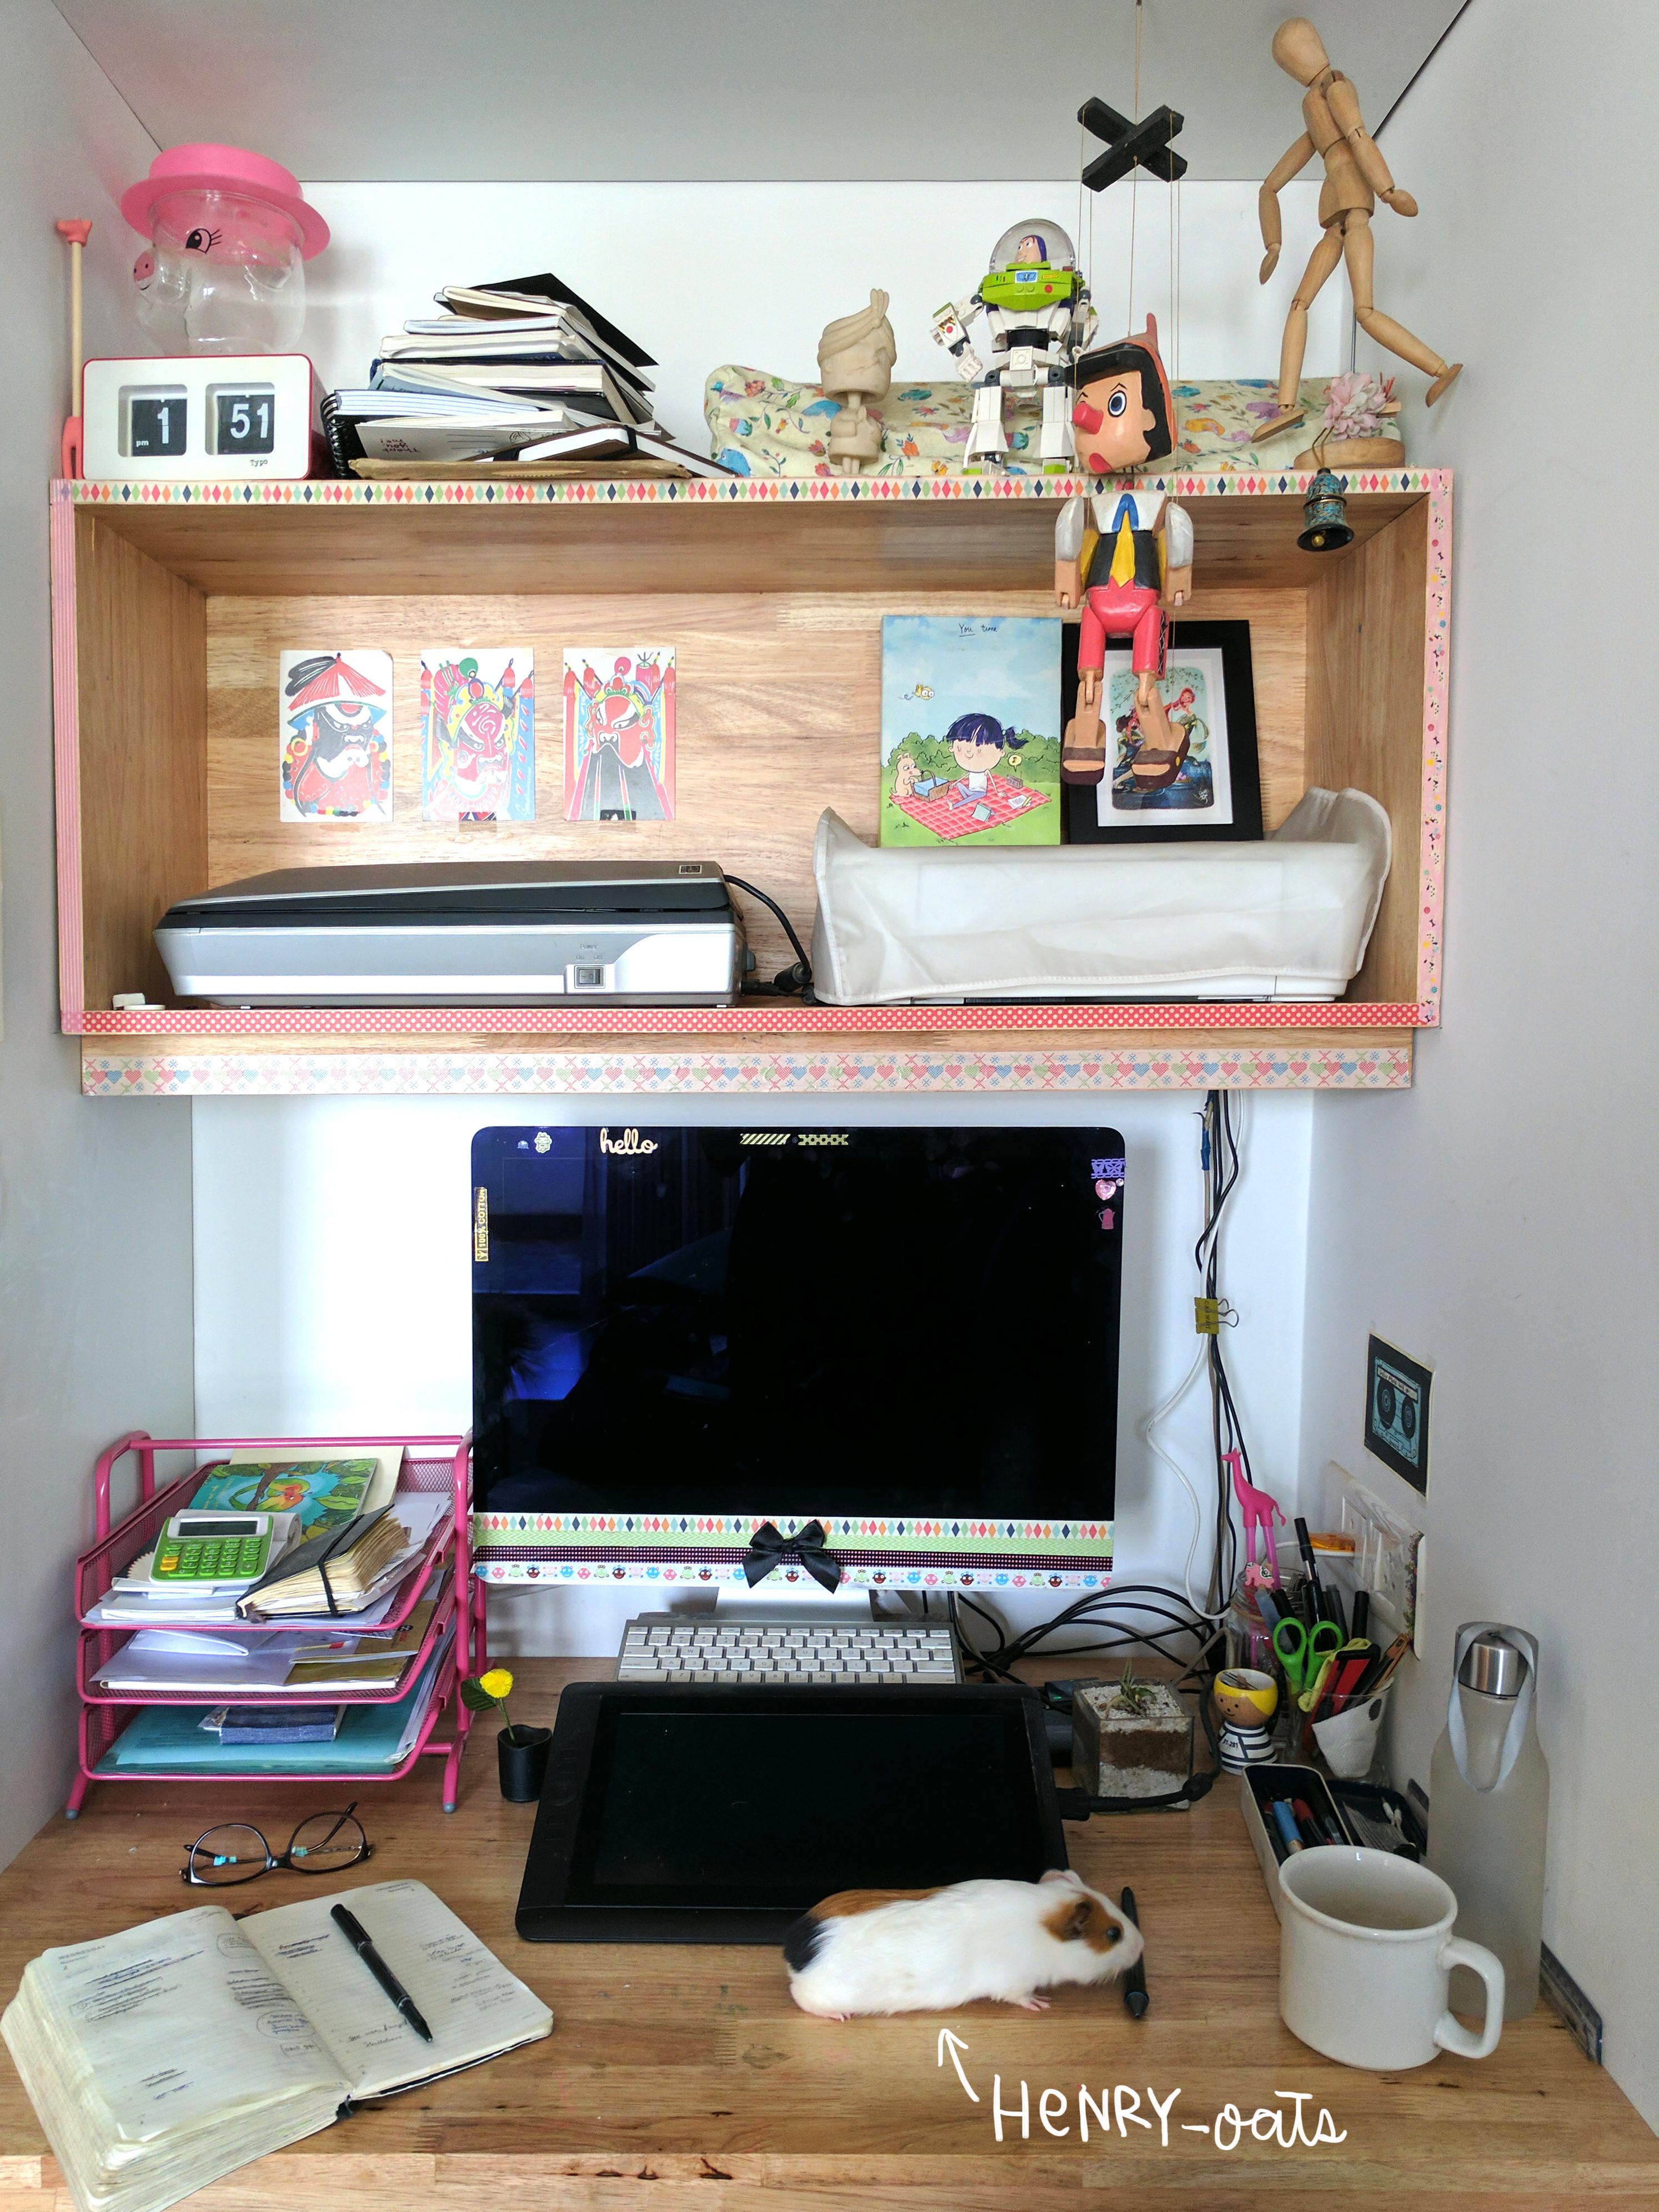 alicia's desk